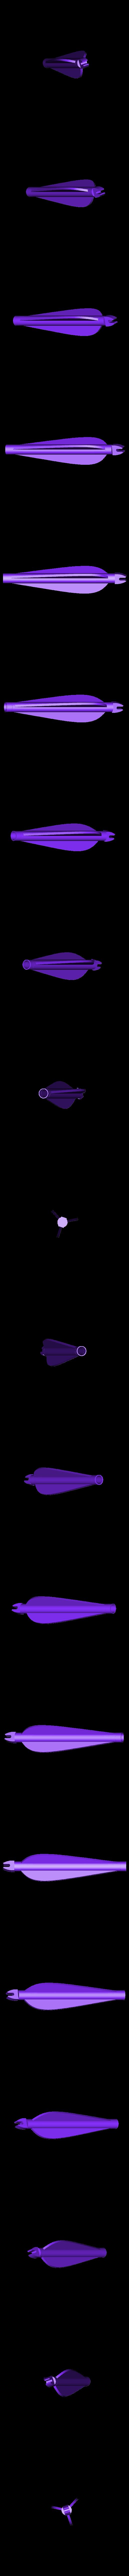 arrow_fletching.stl Télécharger fichier STL gratuit Flèche d'épluchage et remplacement de la pointe de la flèche • Plan à imprimer en 3D, Boastcott